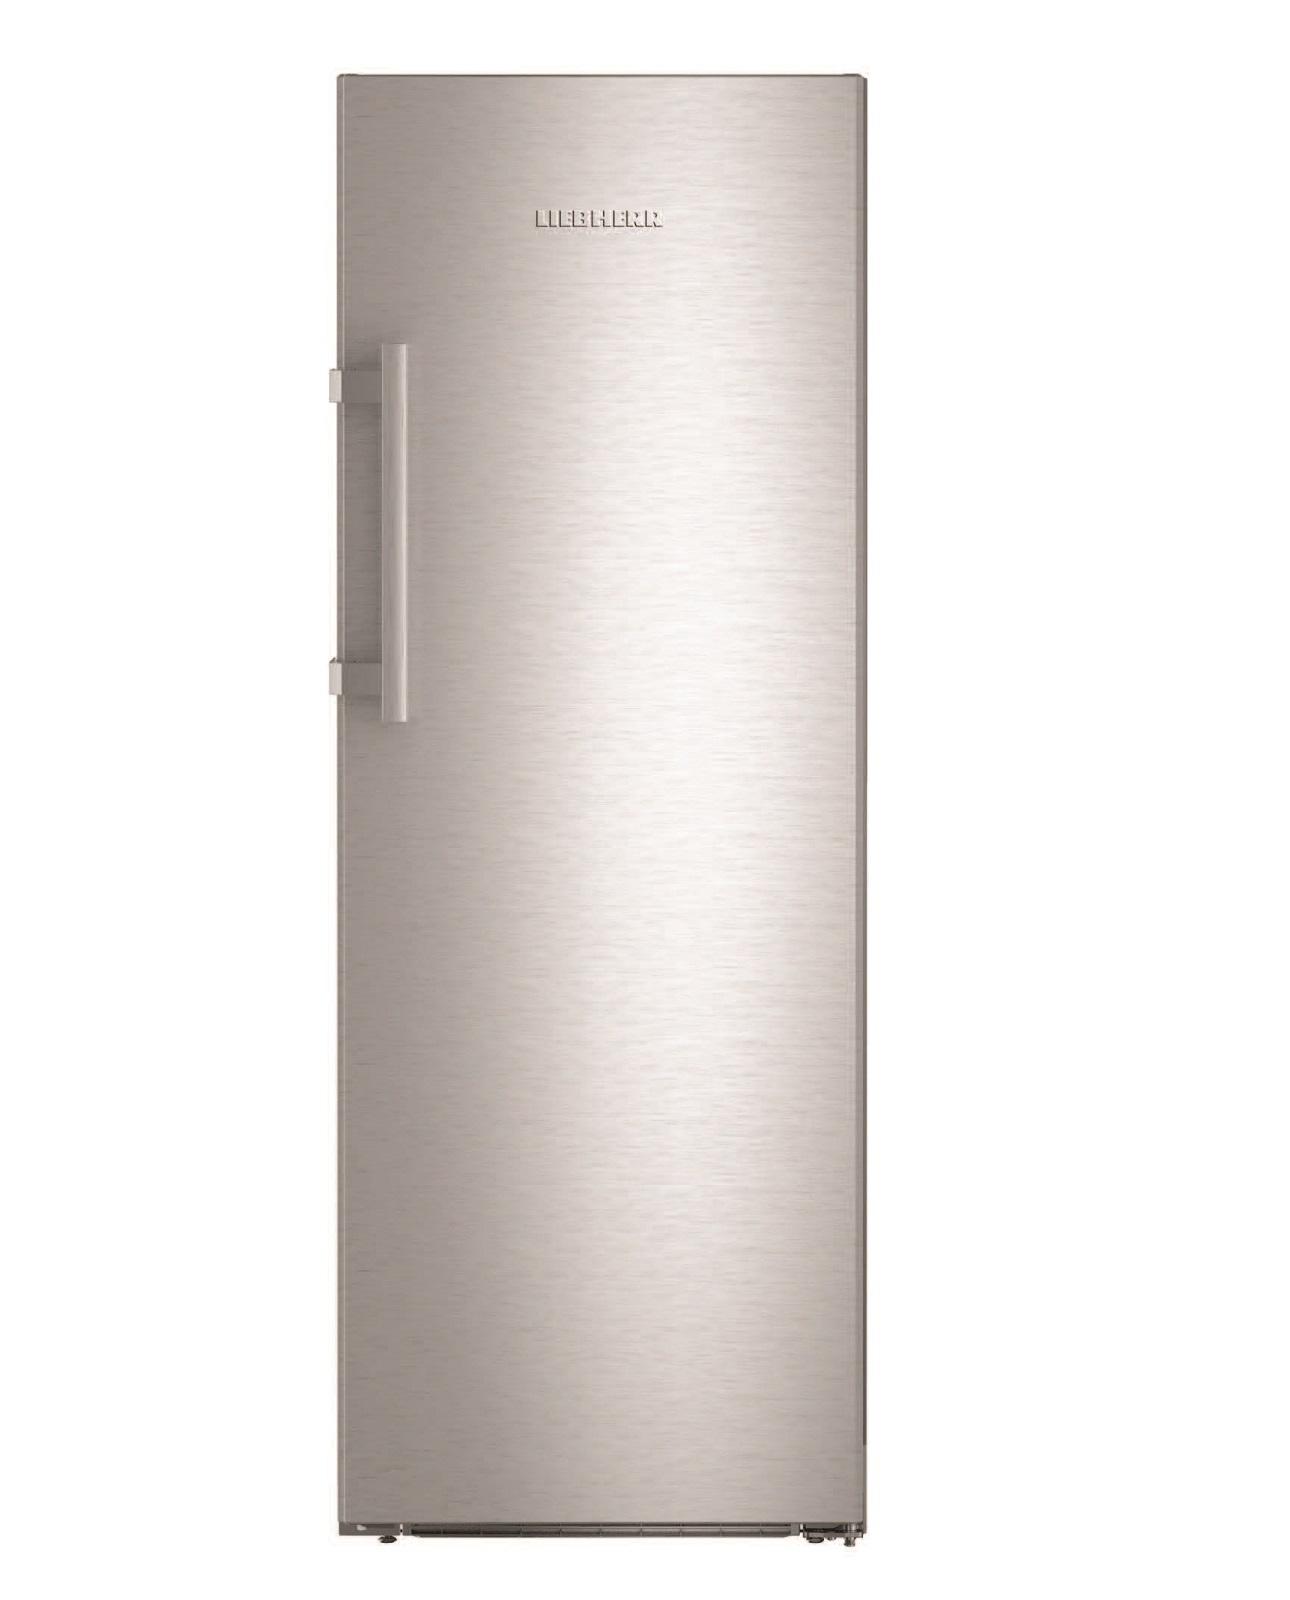 купить Однокамерный холодильник Liebherr KBef 3730 Украина фото 6